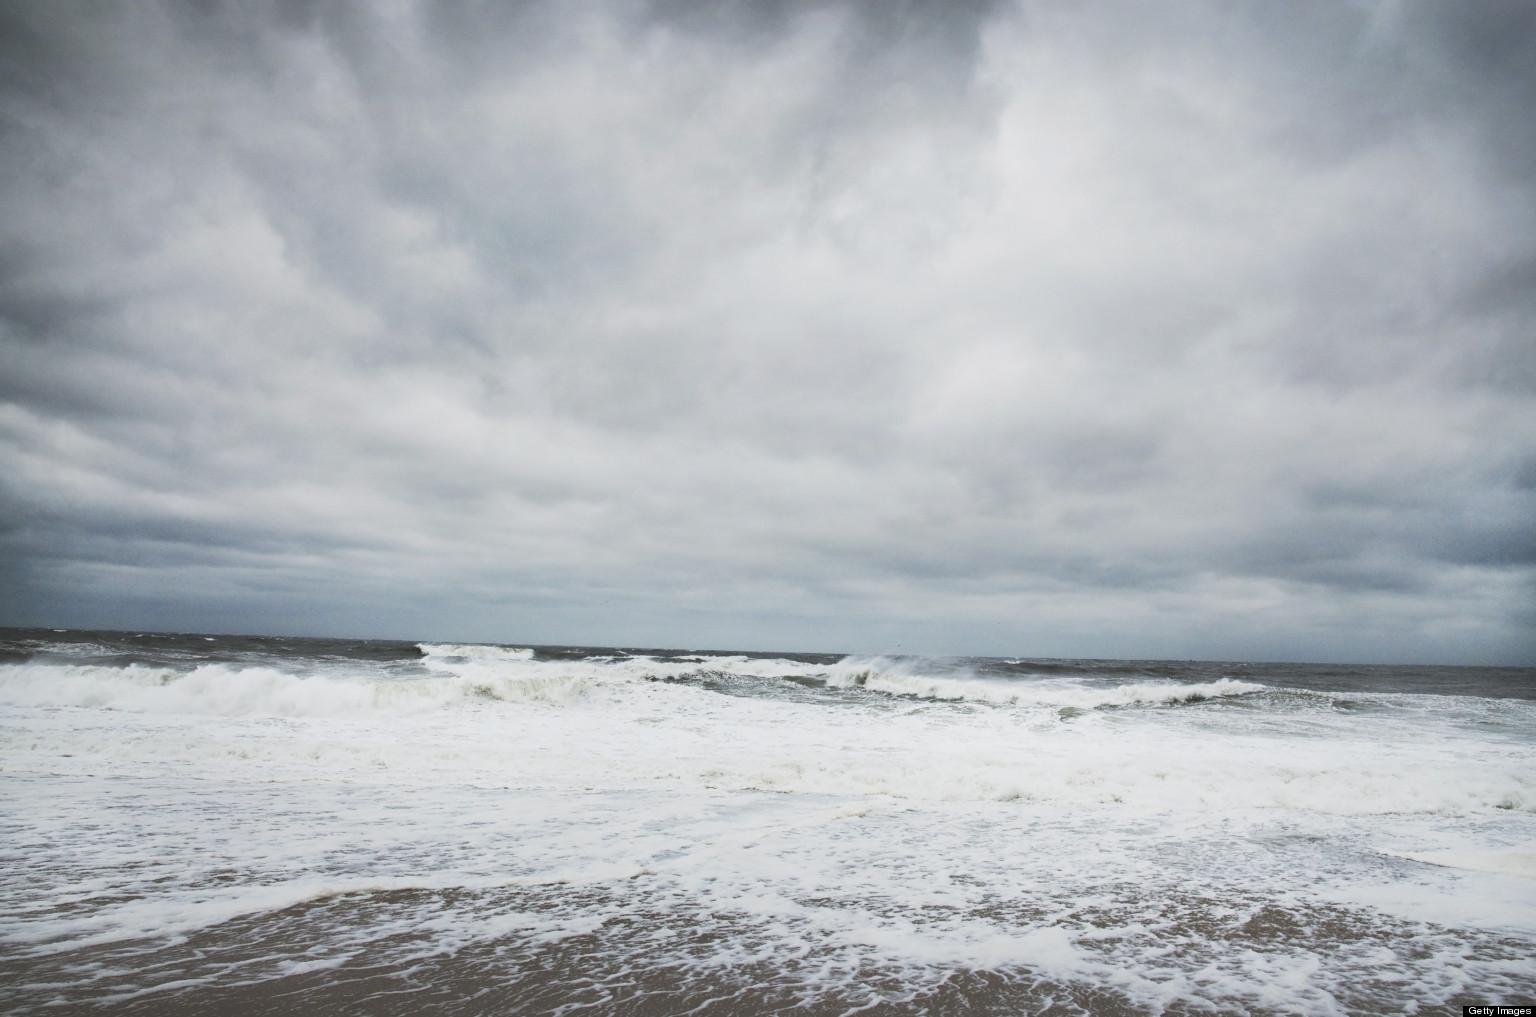 Ocean Temps Along U.S. Northeast Break Major Record